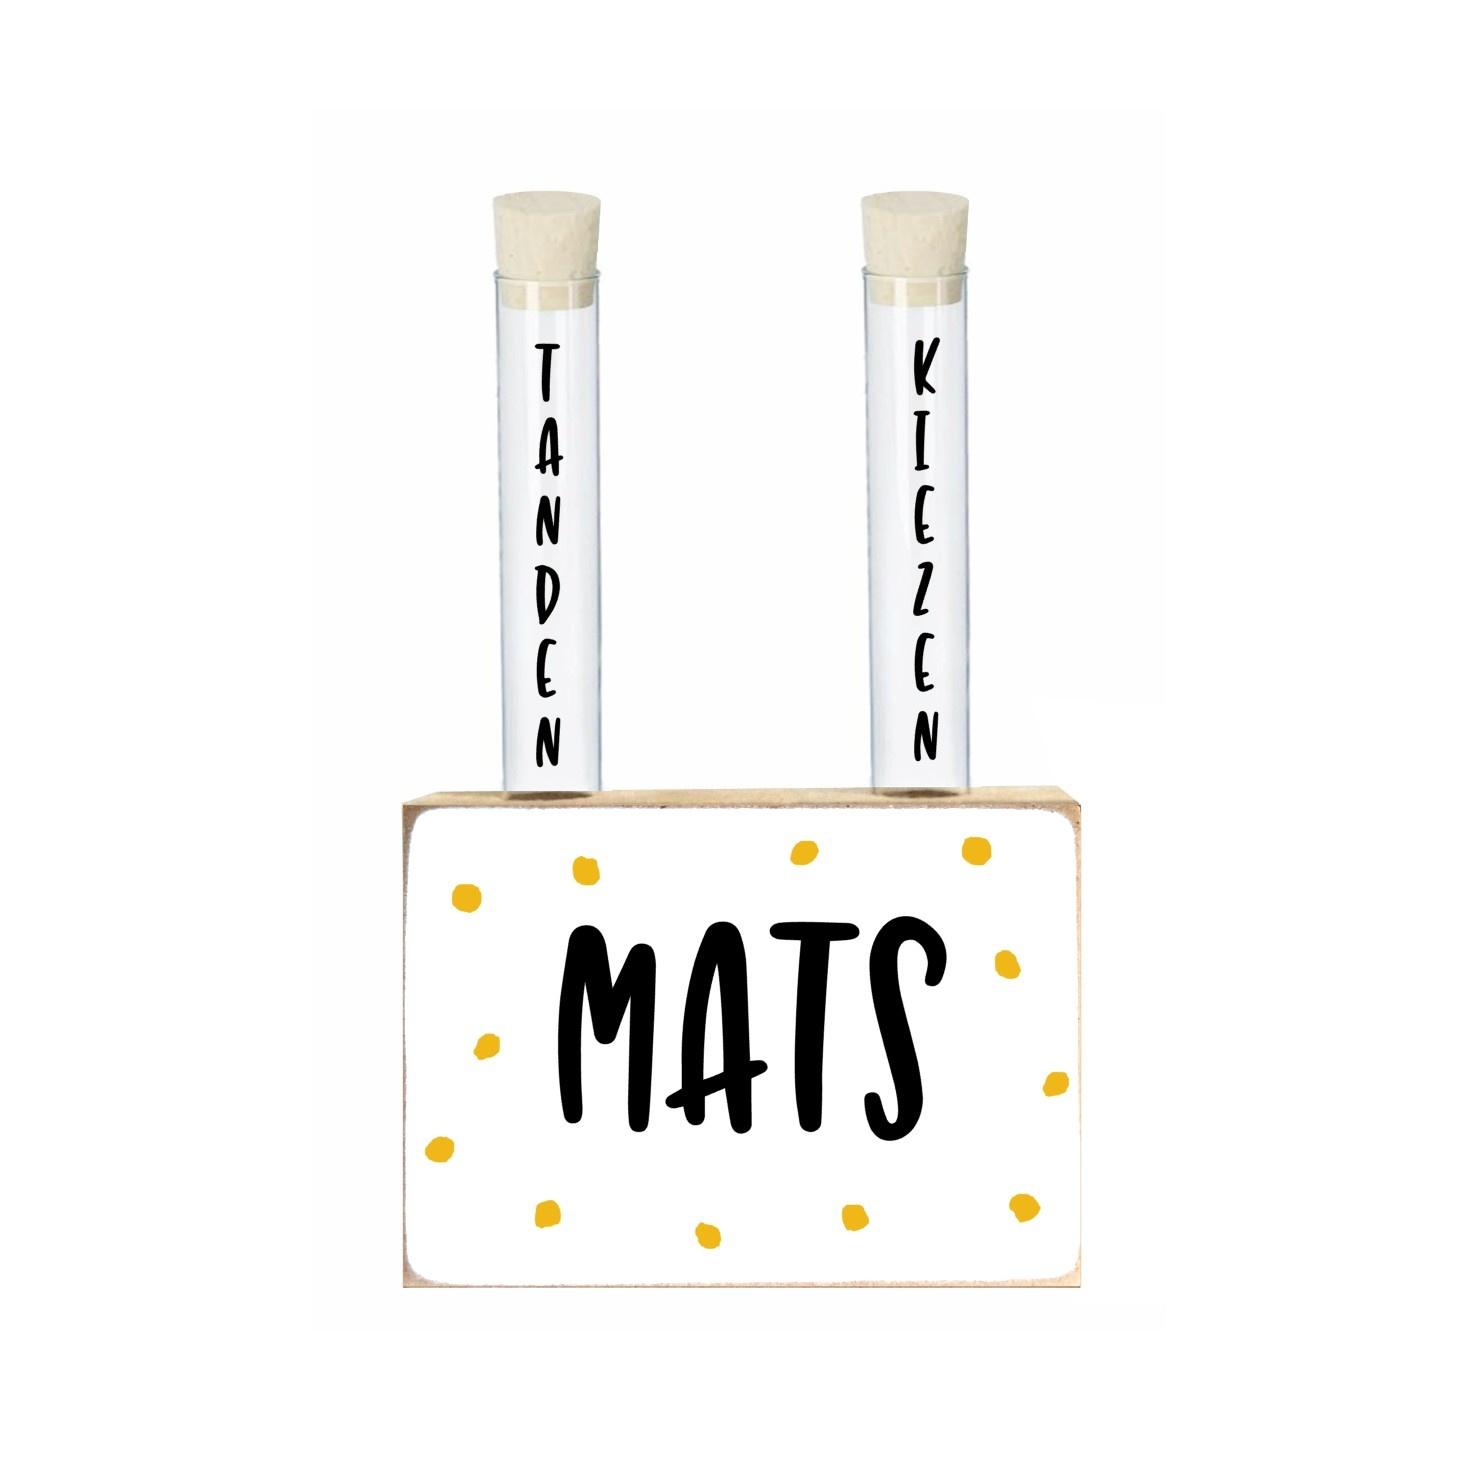 Houten blok met buisjes voor melktanden, -kiezen Mats